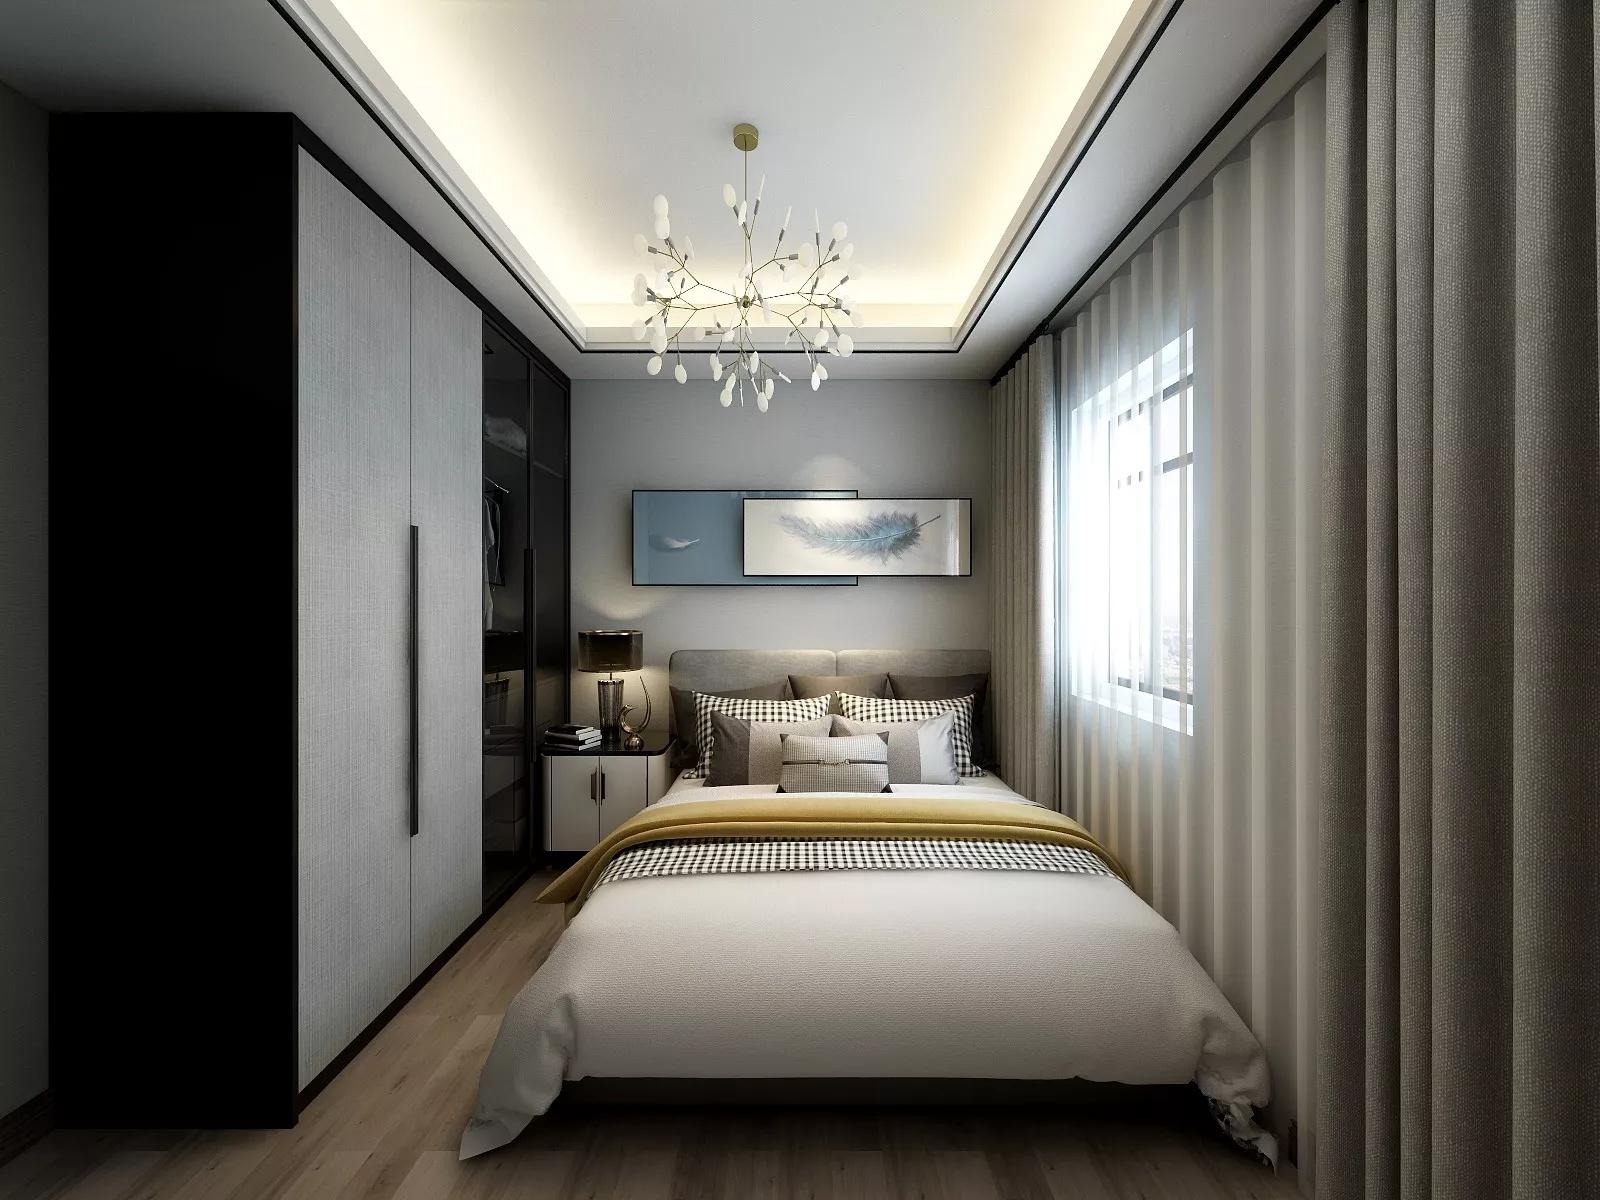 注意这些卧室风水布局 利于财运发展